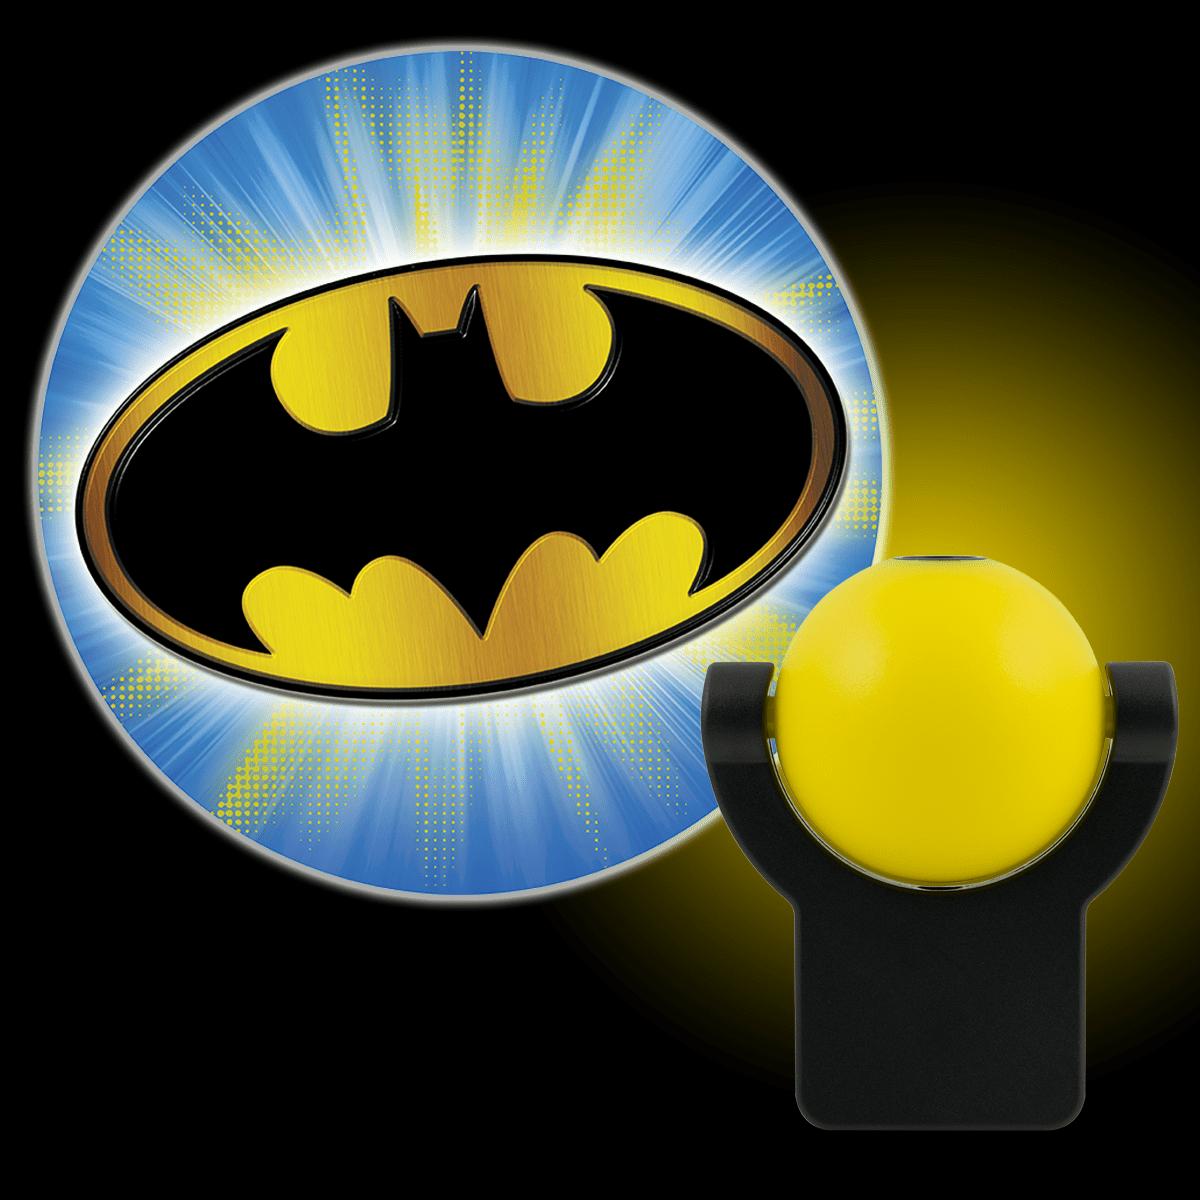 Projectables DC Comics Batman LED Plug-In Night Light, Bat Signal, 14536